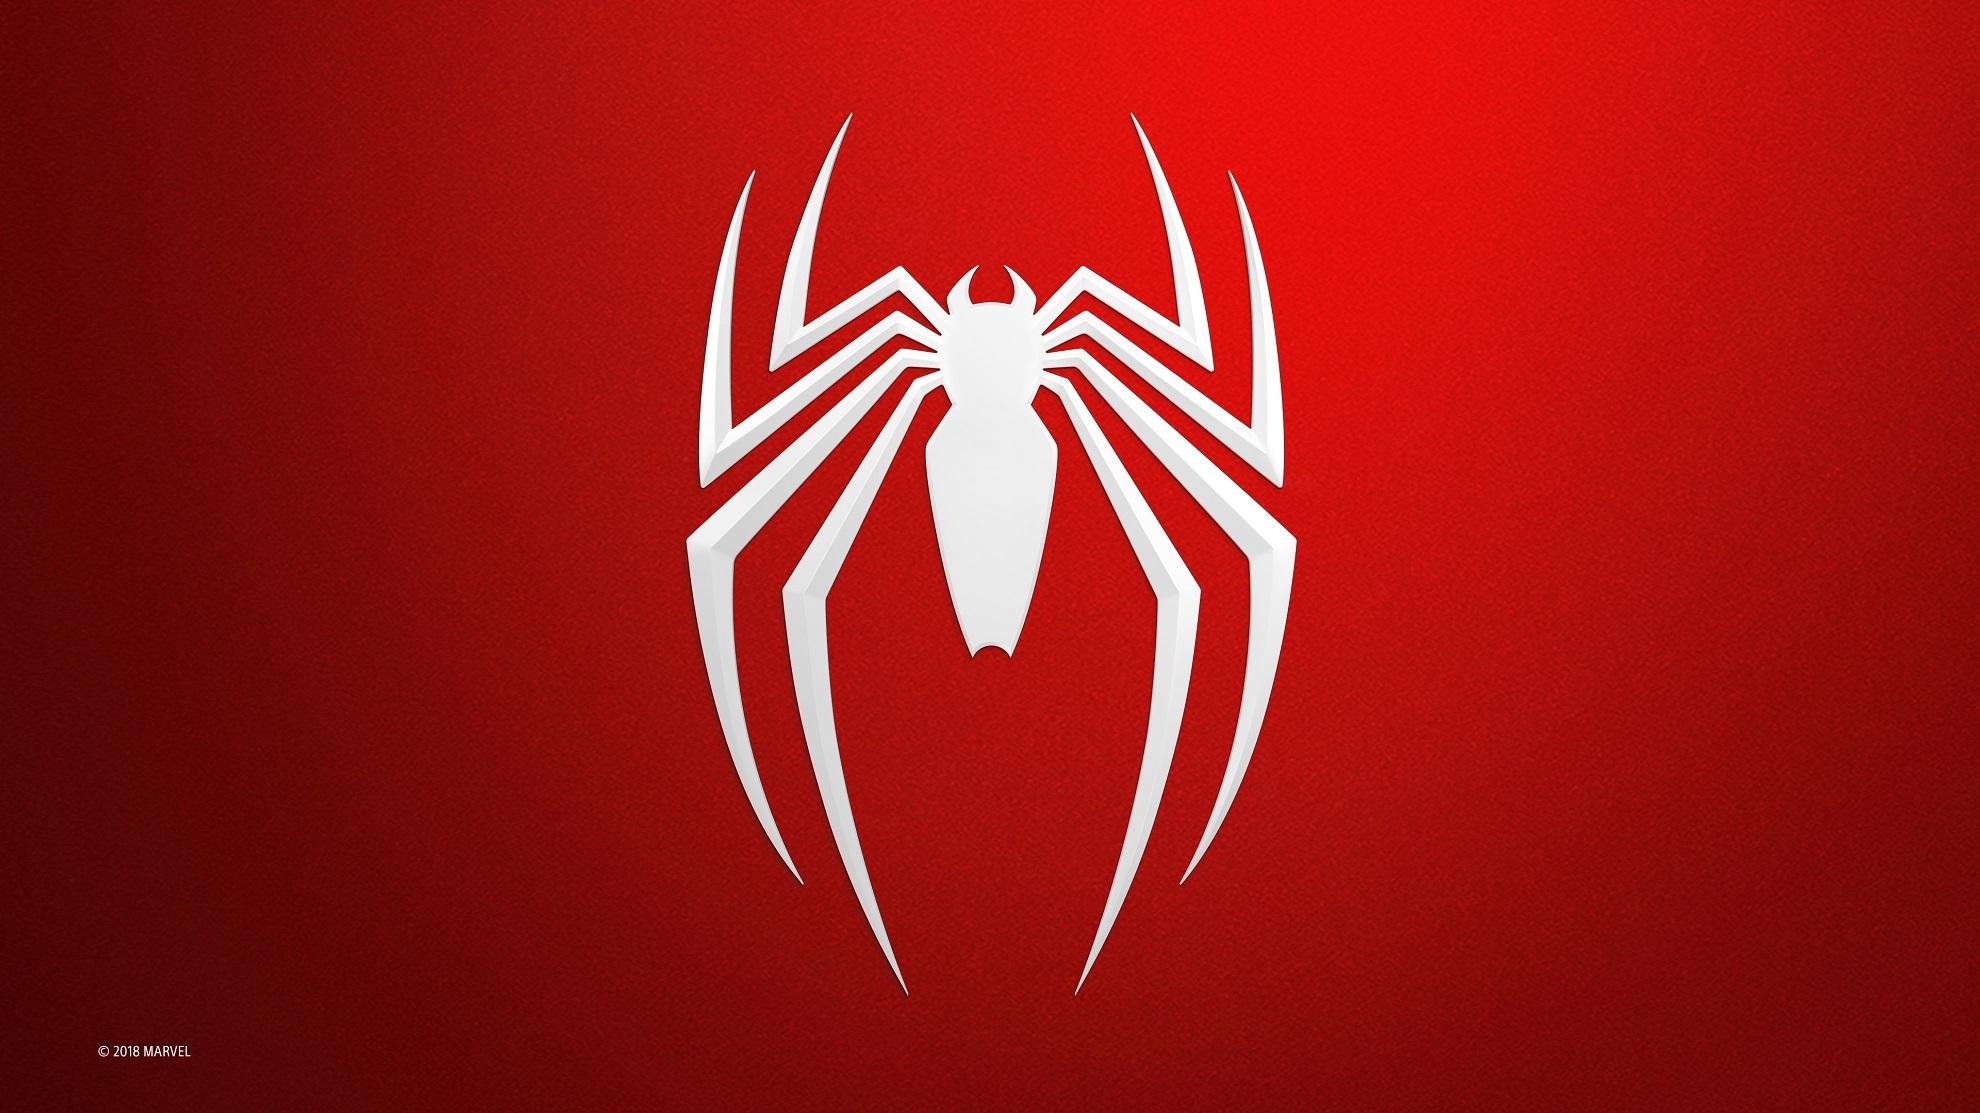 spiderman-wallpaper-desktop-05-zz-11apr18.jpg